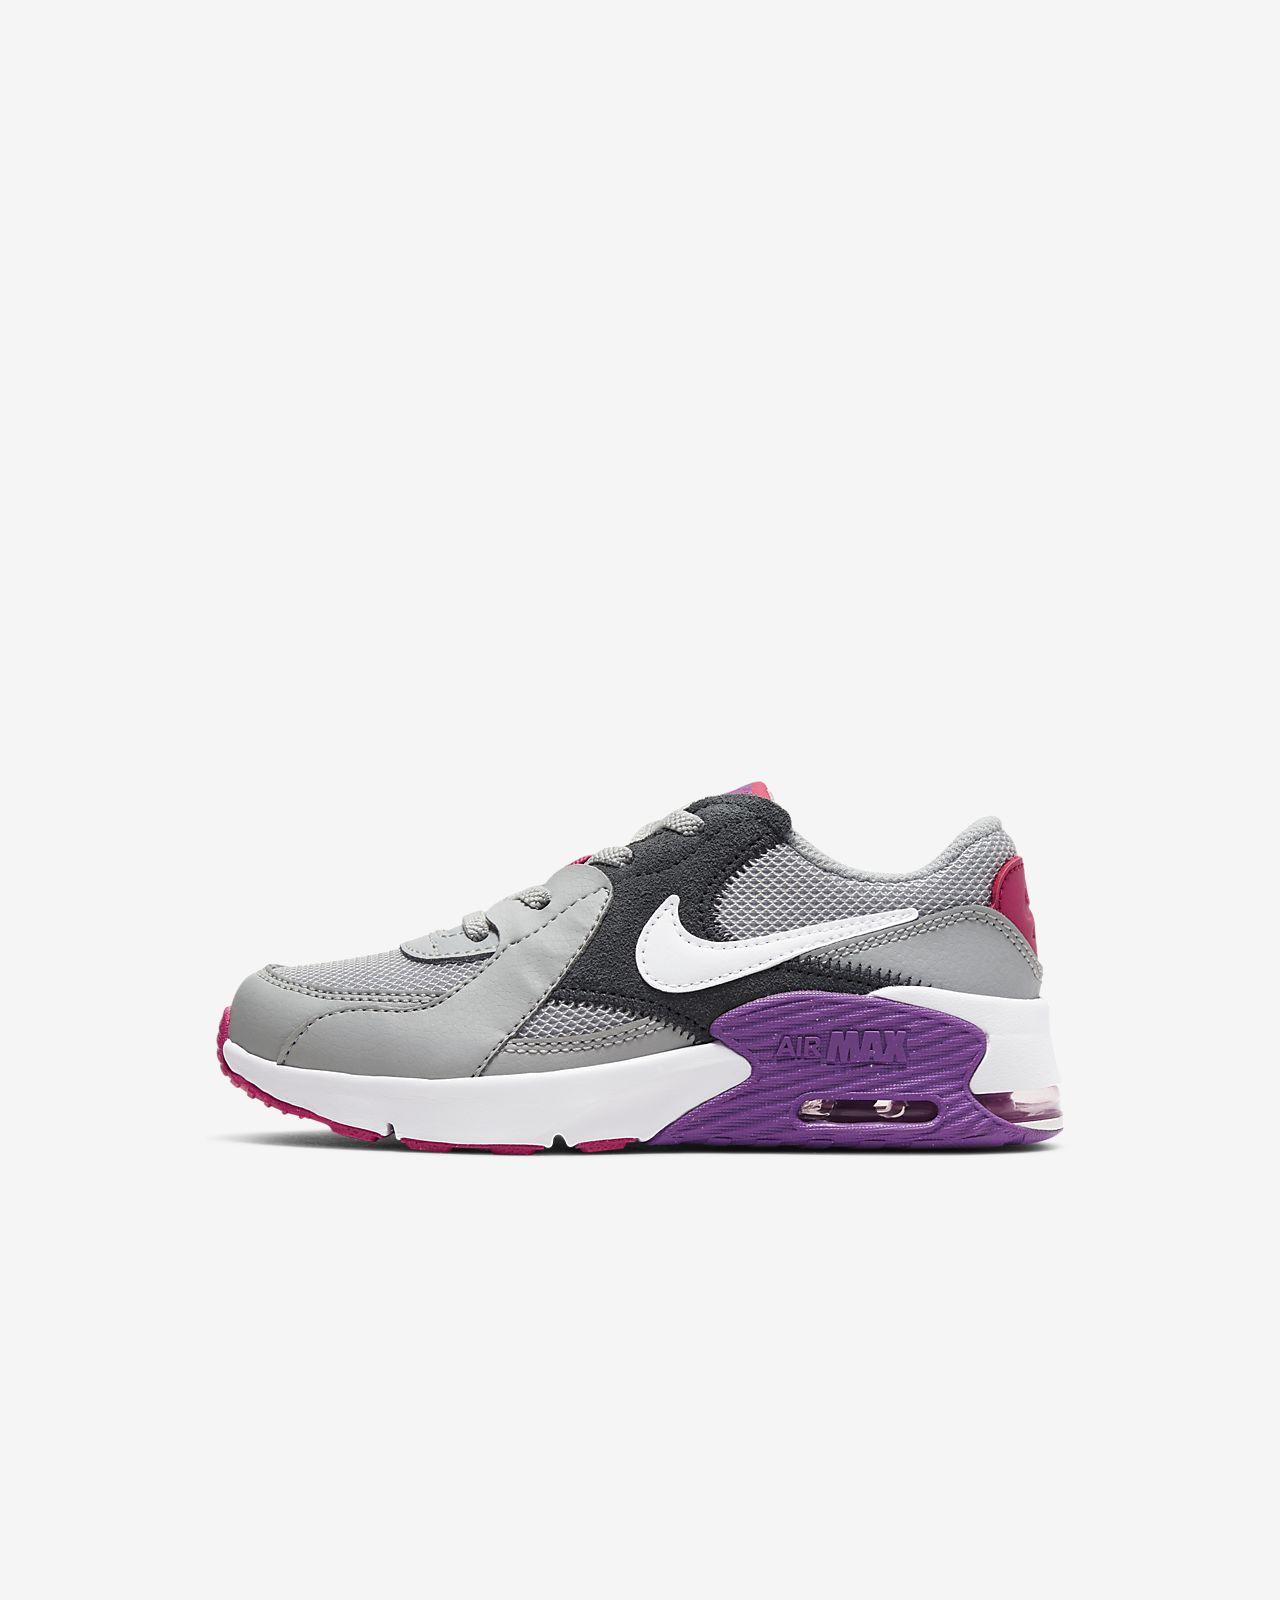 Nike Air Max Excee Schuh für jüngere Kinder